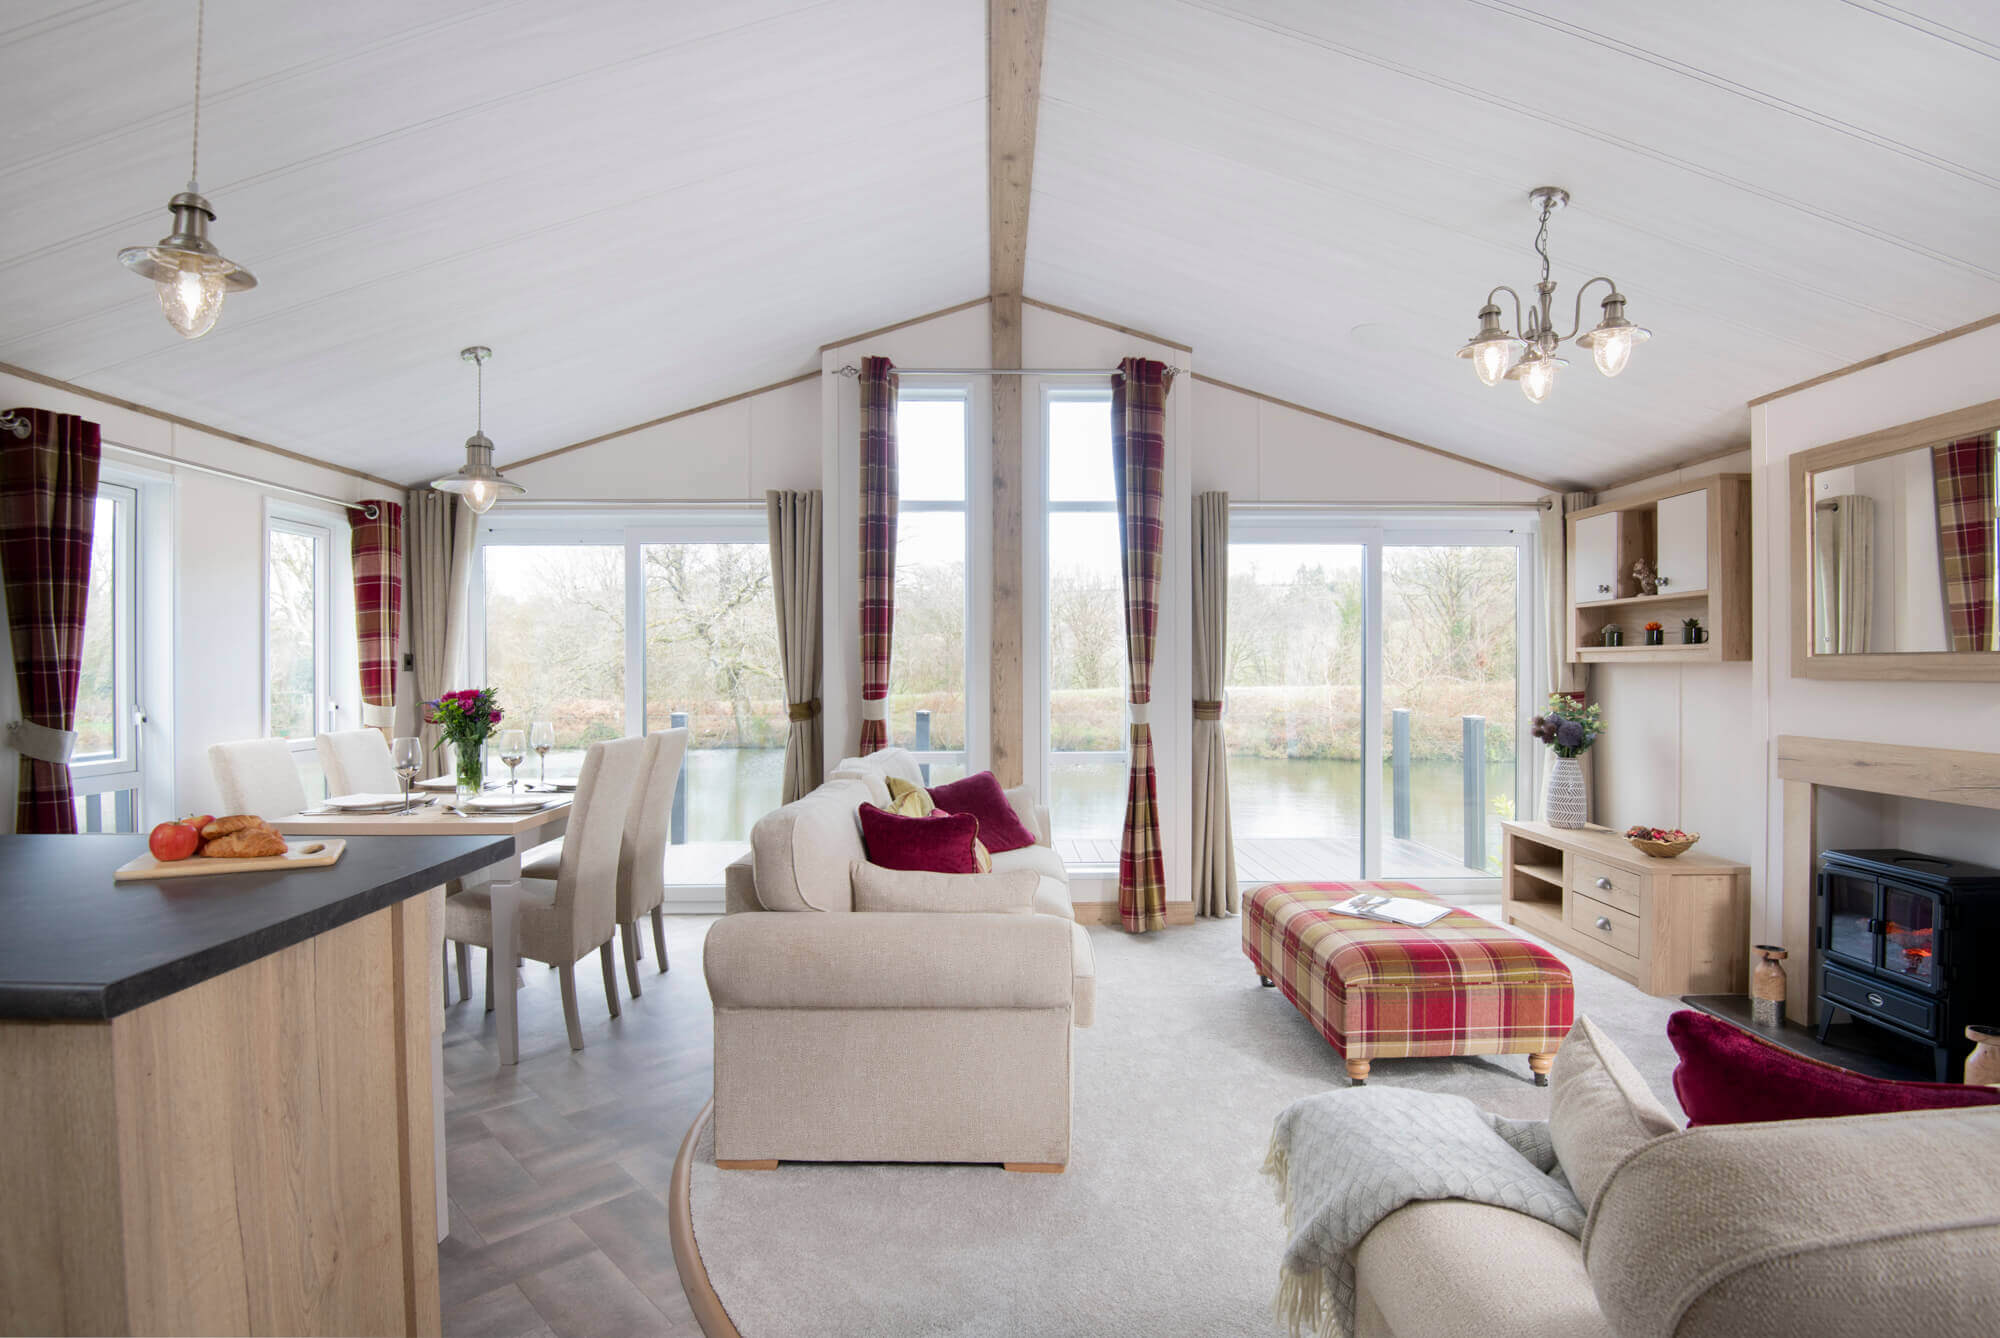 ABI Harrogate open plan living area